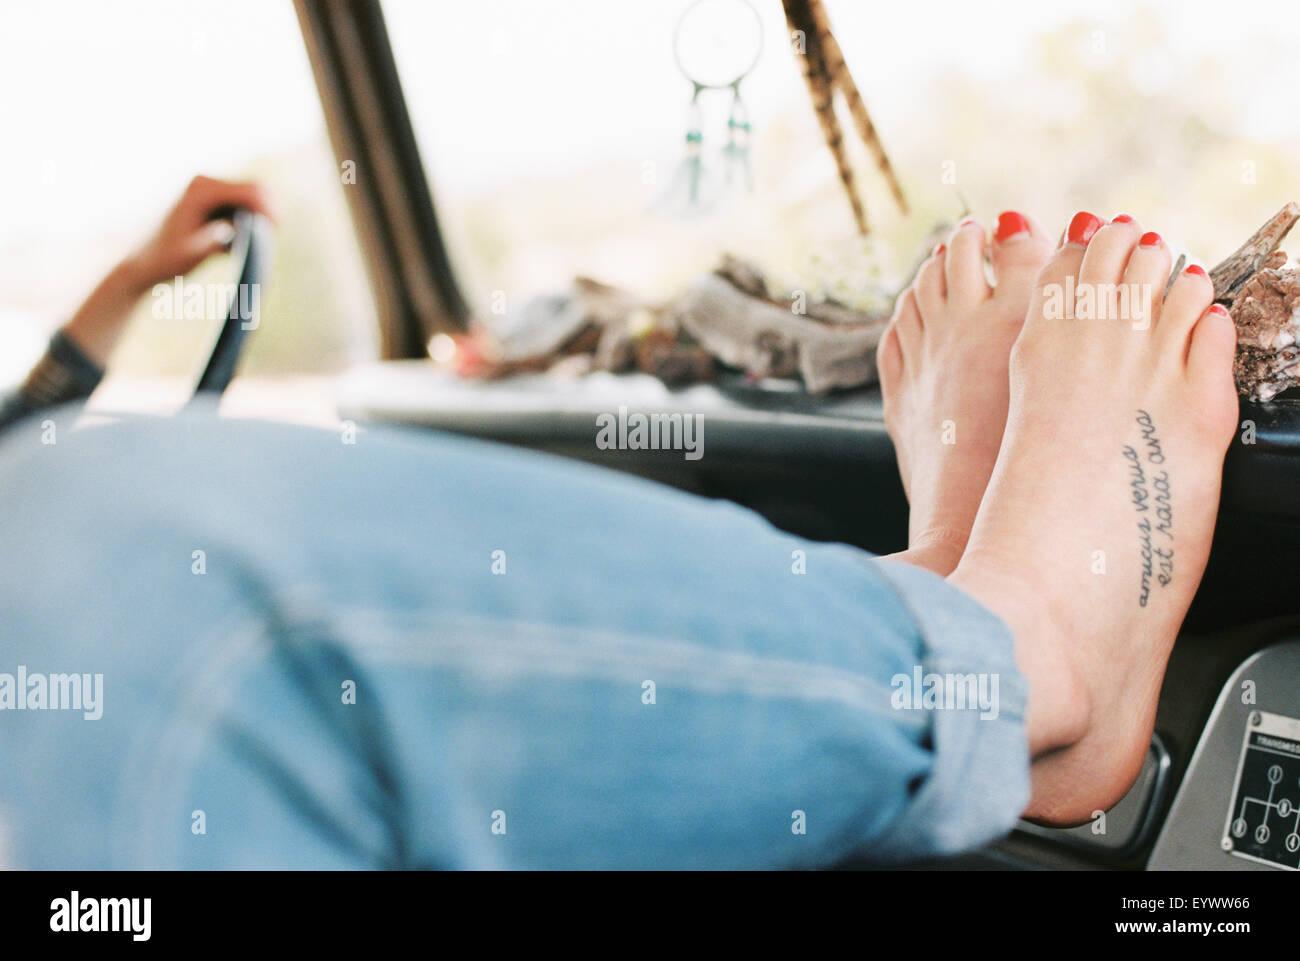 Femme aux pieds nus reposant ses pieds sur le tableau de bord d'un 4x4, un tatouage sur son pied droit. Photo Stock